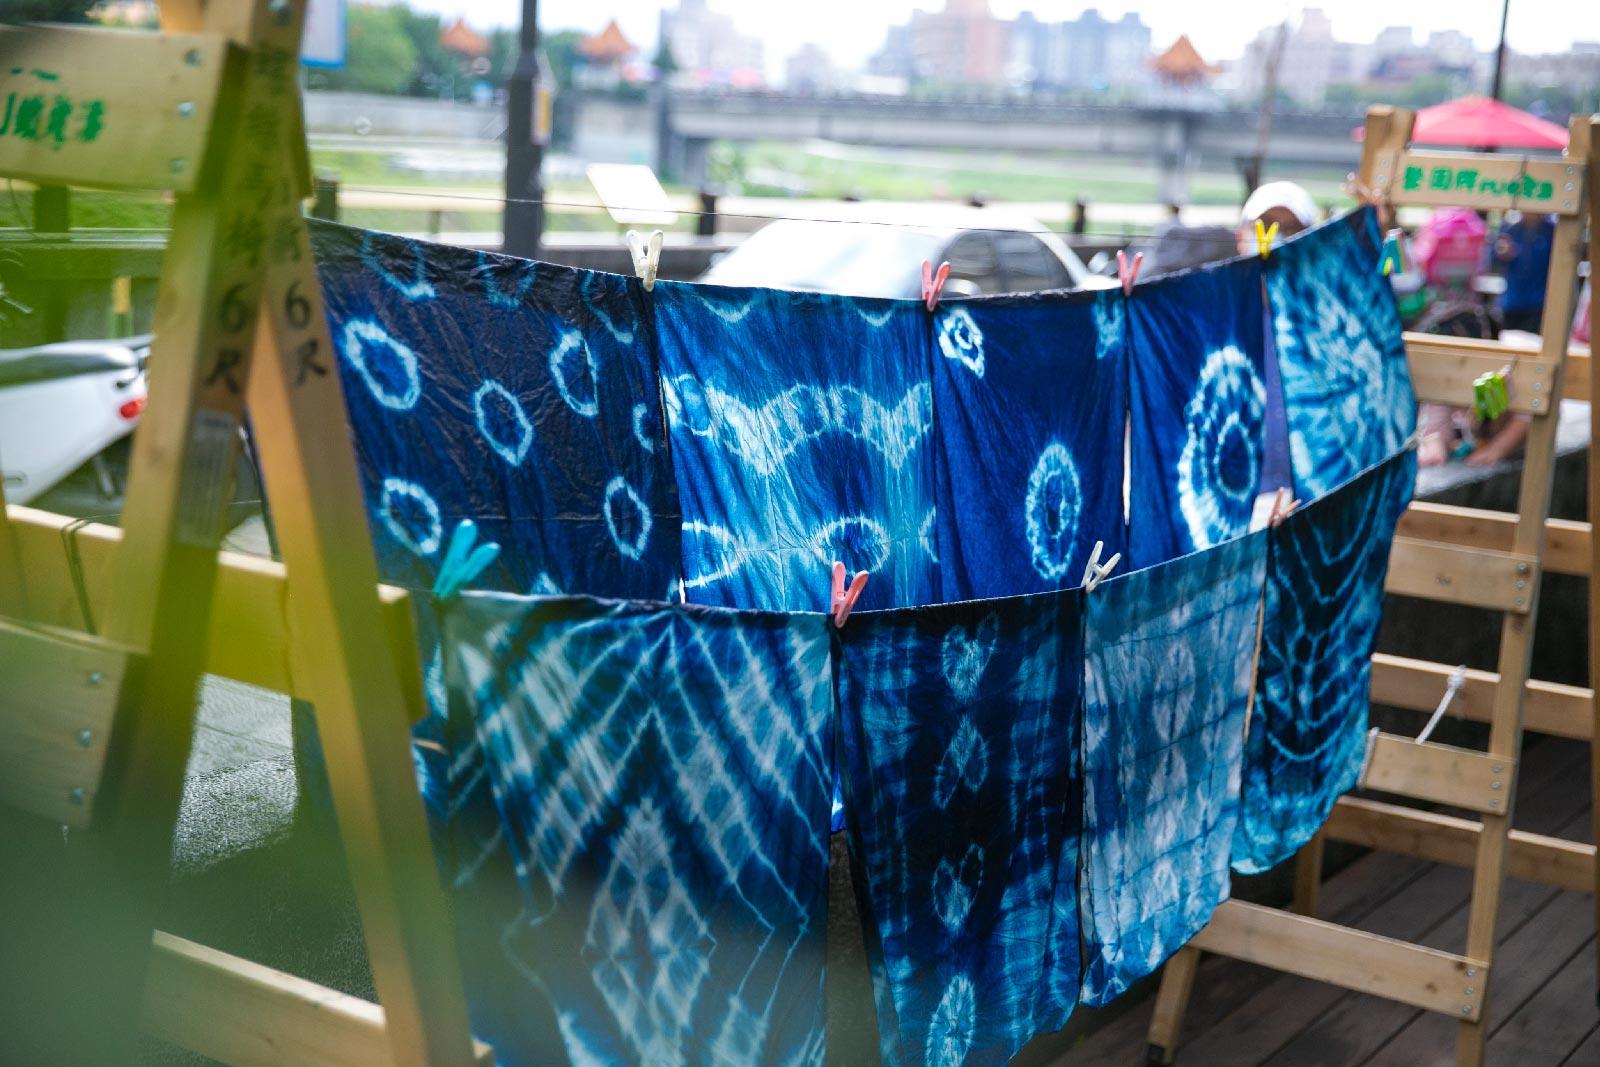 三峽藍染曾是台灣北部的染布重地,經時光不斷演變,使傳統文化不斷流逝,希望能透過旅行的方式,讓傳統產業能再度重回過往的記憶,旅人們透過手做的溫度,創造屬於自己旅行的紀念品,更能延續傳統職人的技藝。- 藍染體驗DIY -  | 甘樂文創 | 甘之如飴,樂在其中